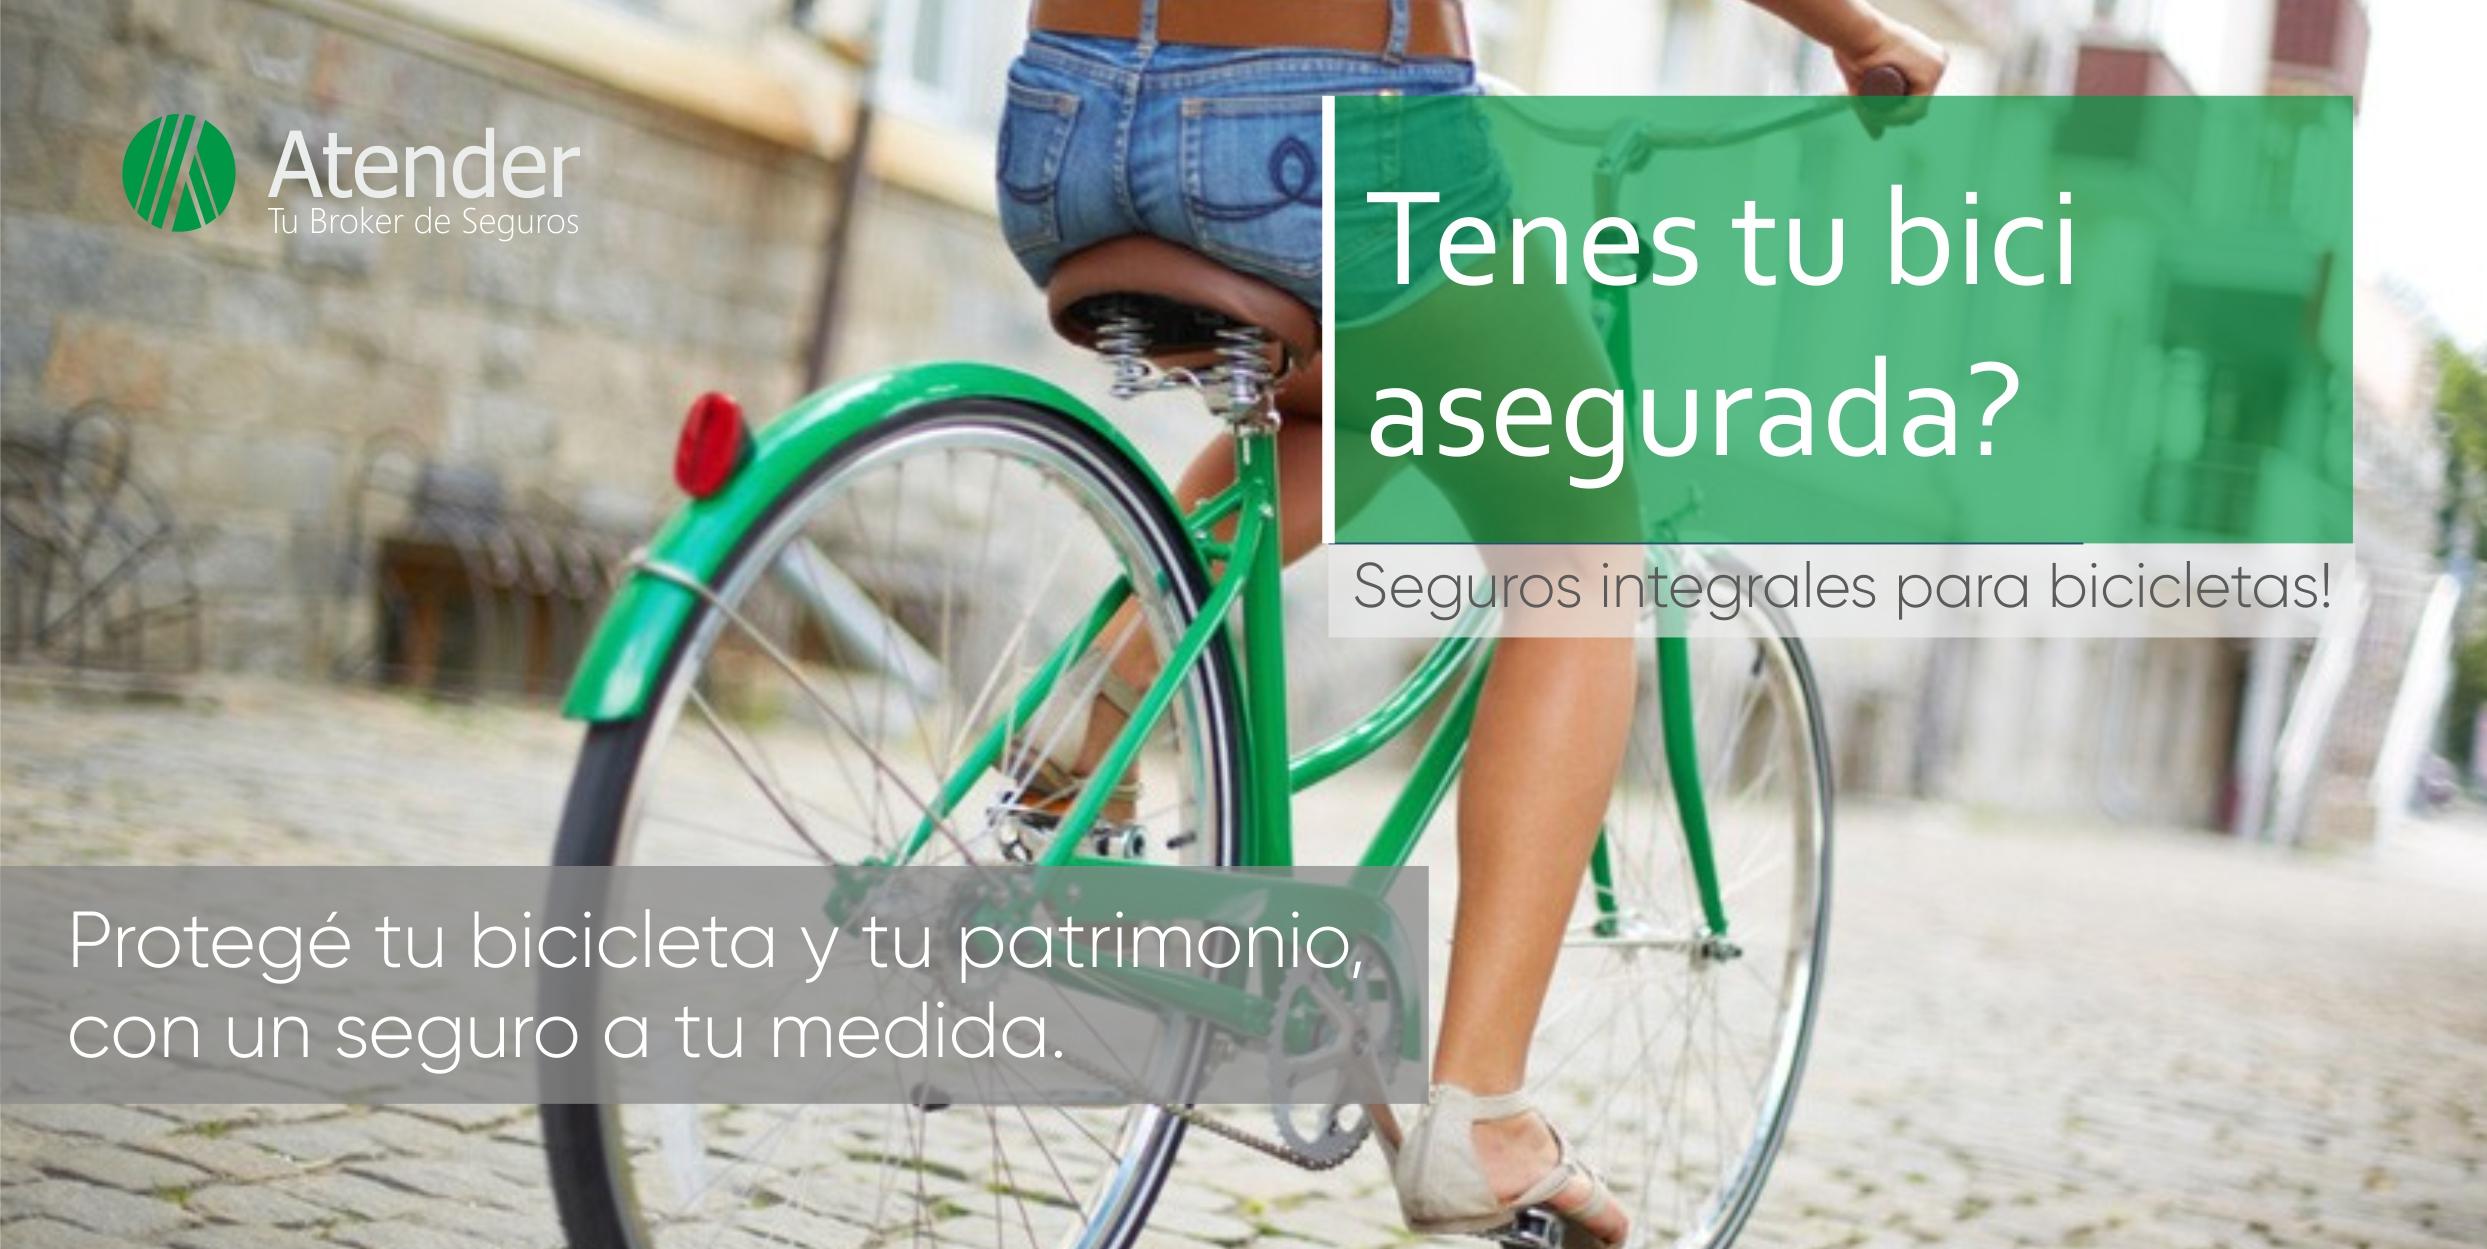 ¡Salí a pedalear tranquilo, asegurá tu bici!